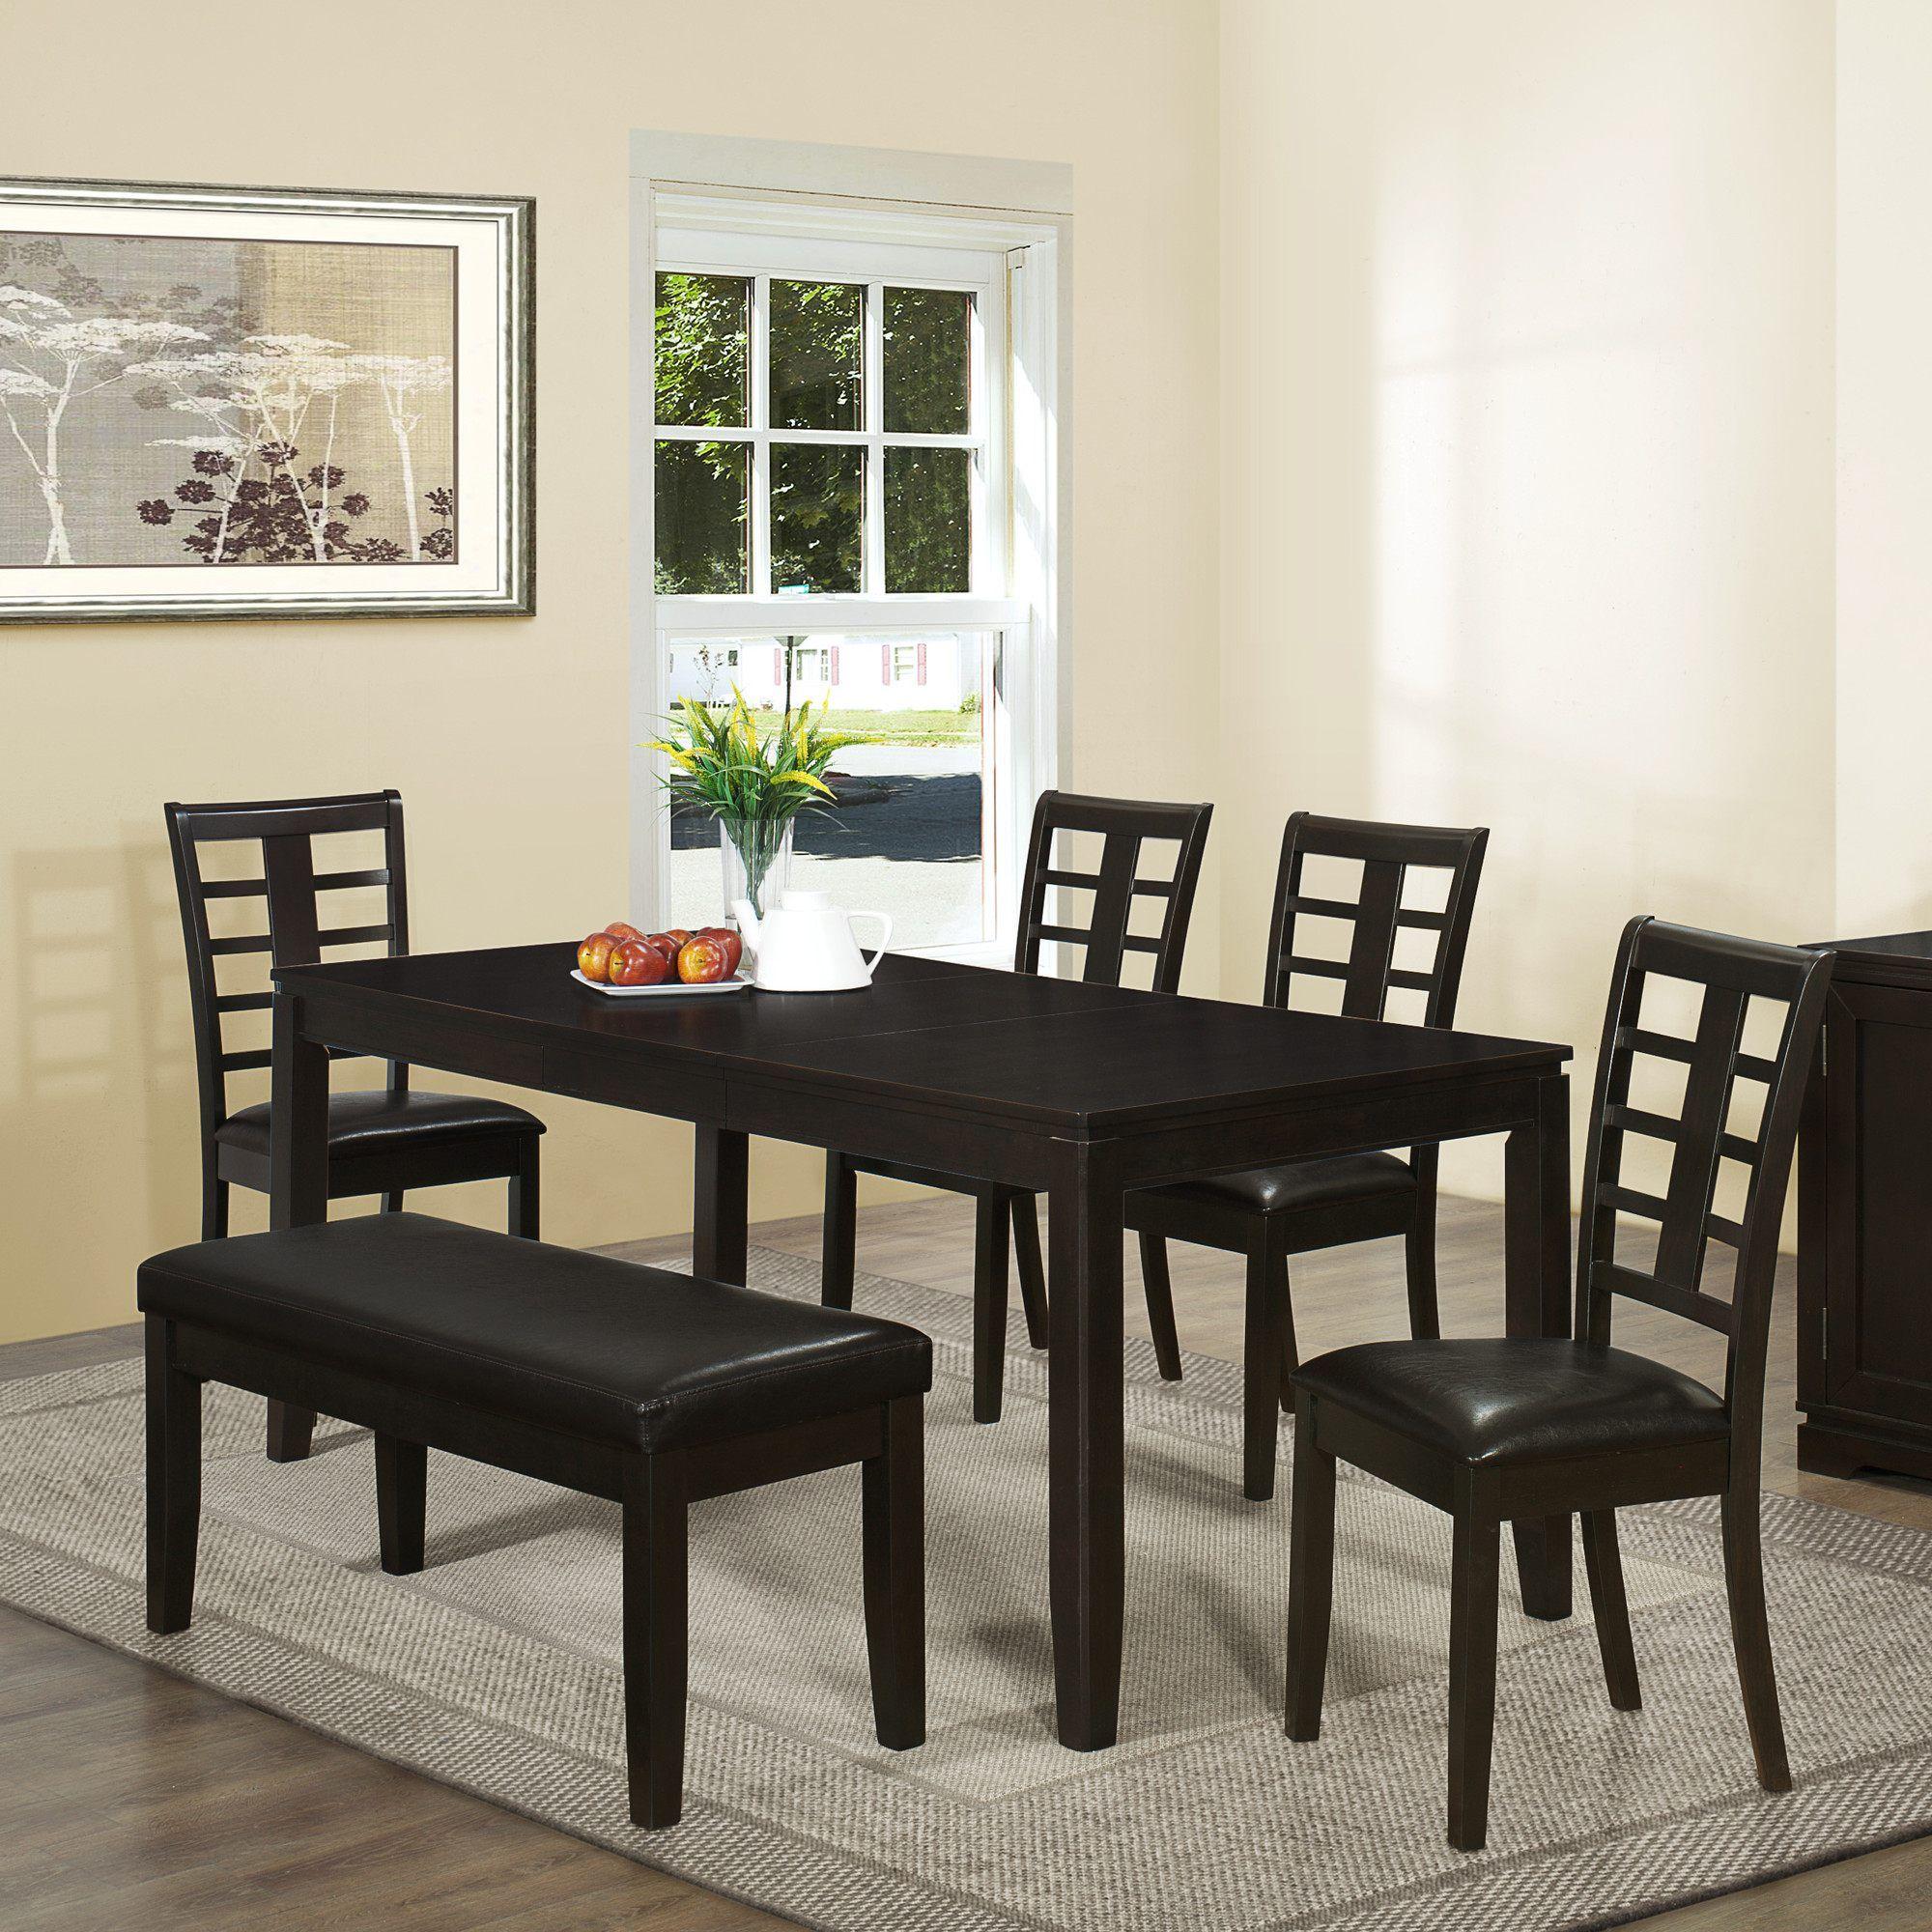 Esszimmer Tisch Sets Wenn Sie haben eine veraltete